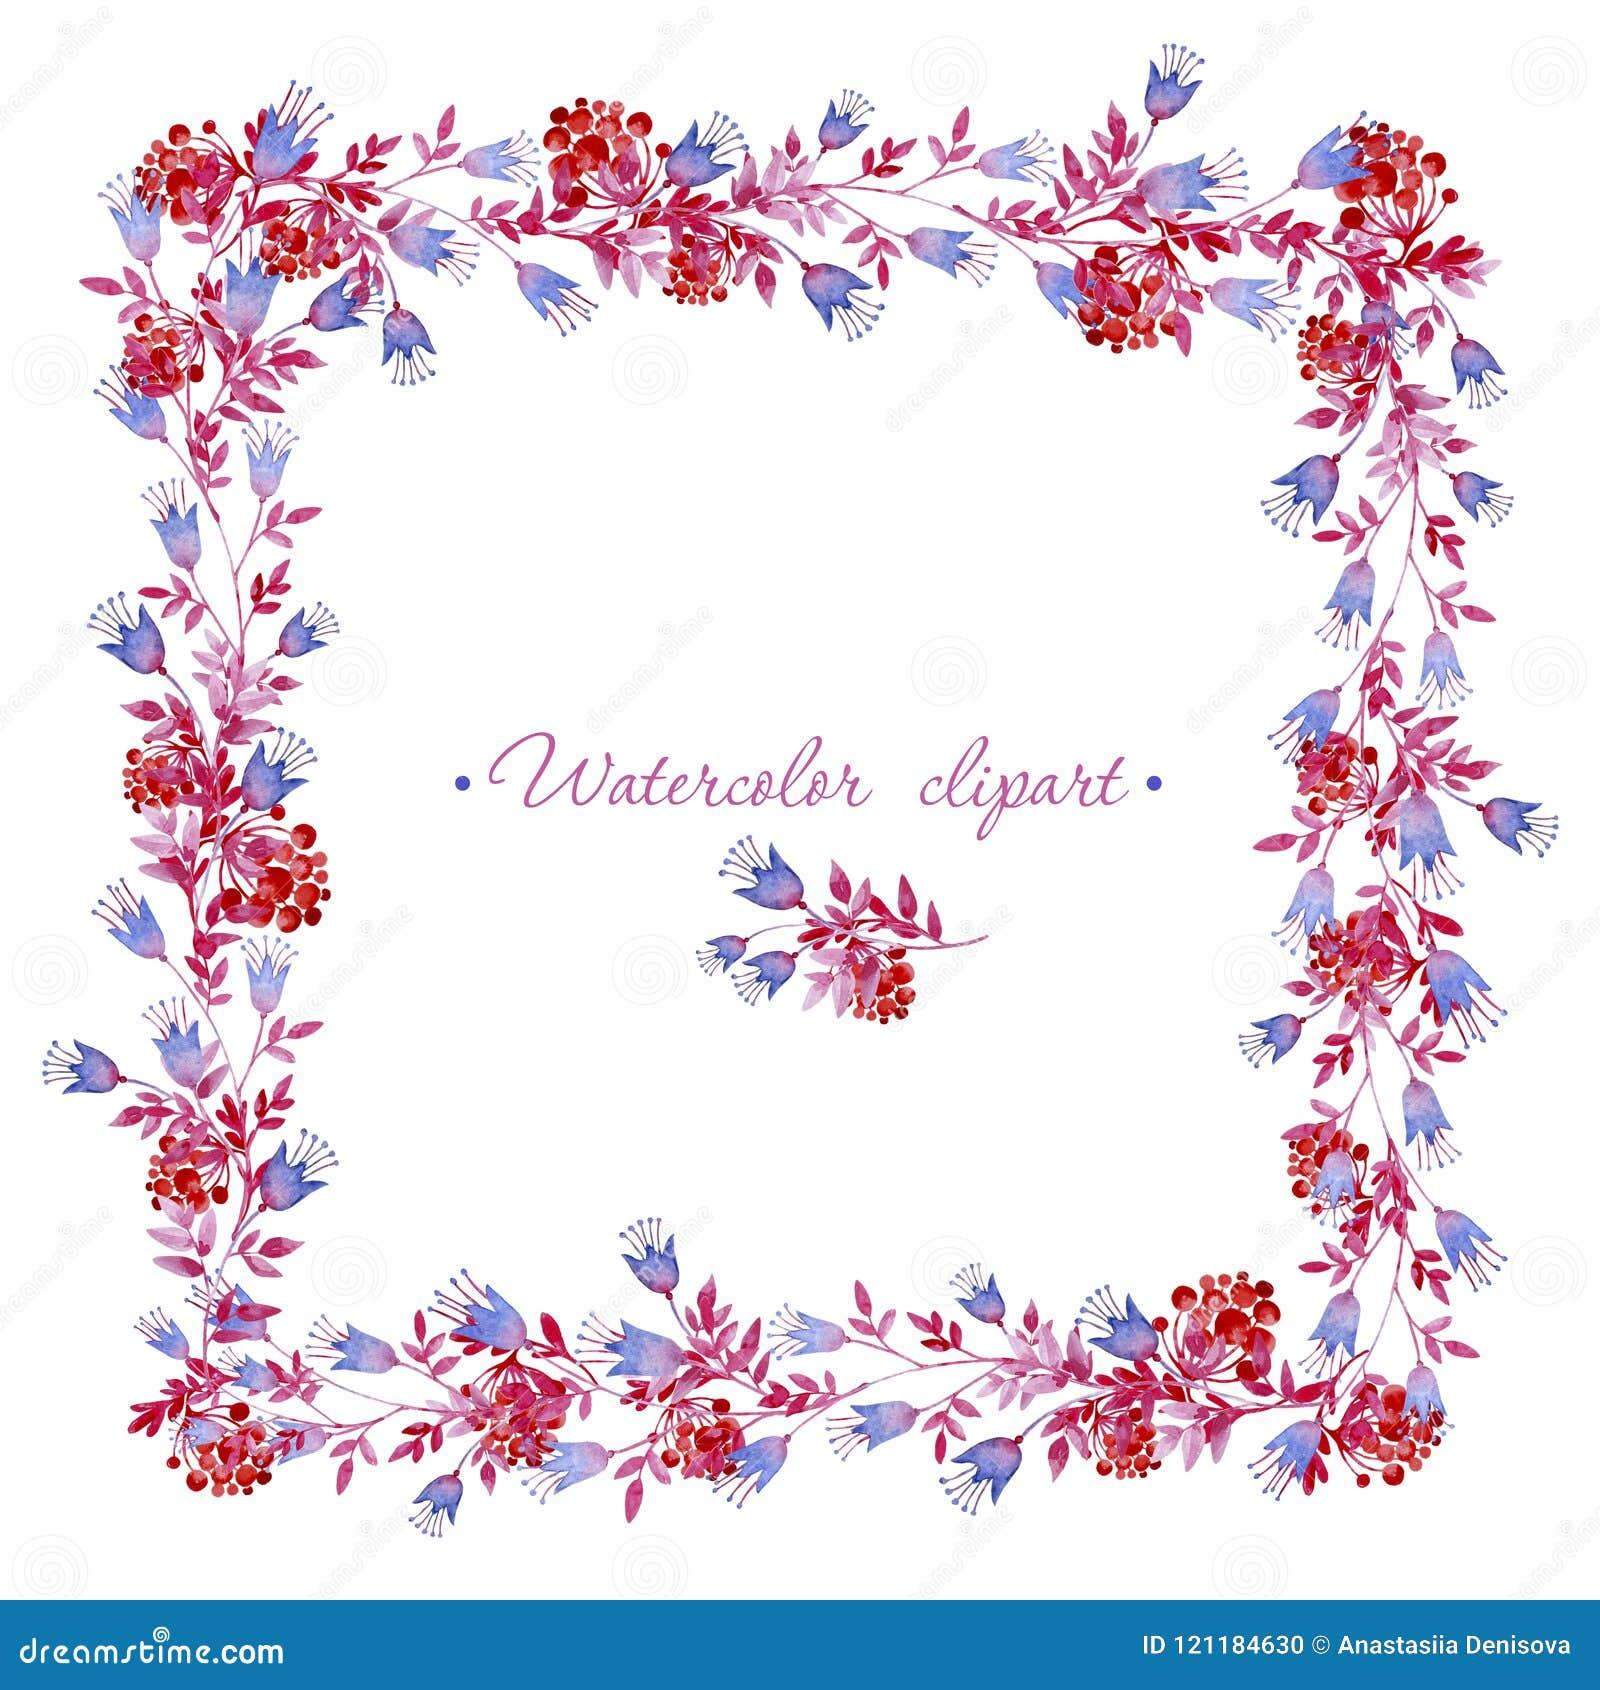 Marco Azul, Rosado Y Rojo Cuadrado Floral Cliparts Para Casarse El ...